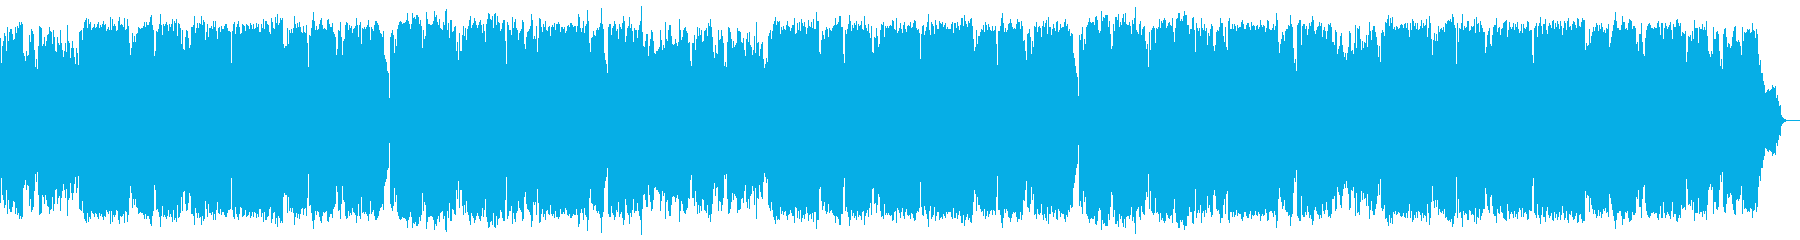 サックスが奏でる哀愁の昭和レトロの再生済みの波形